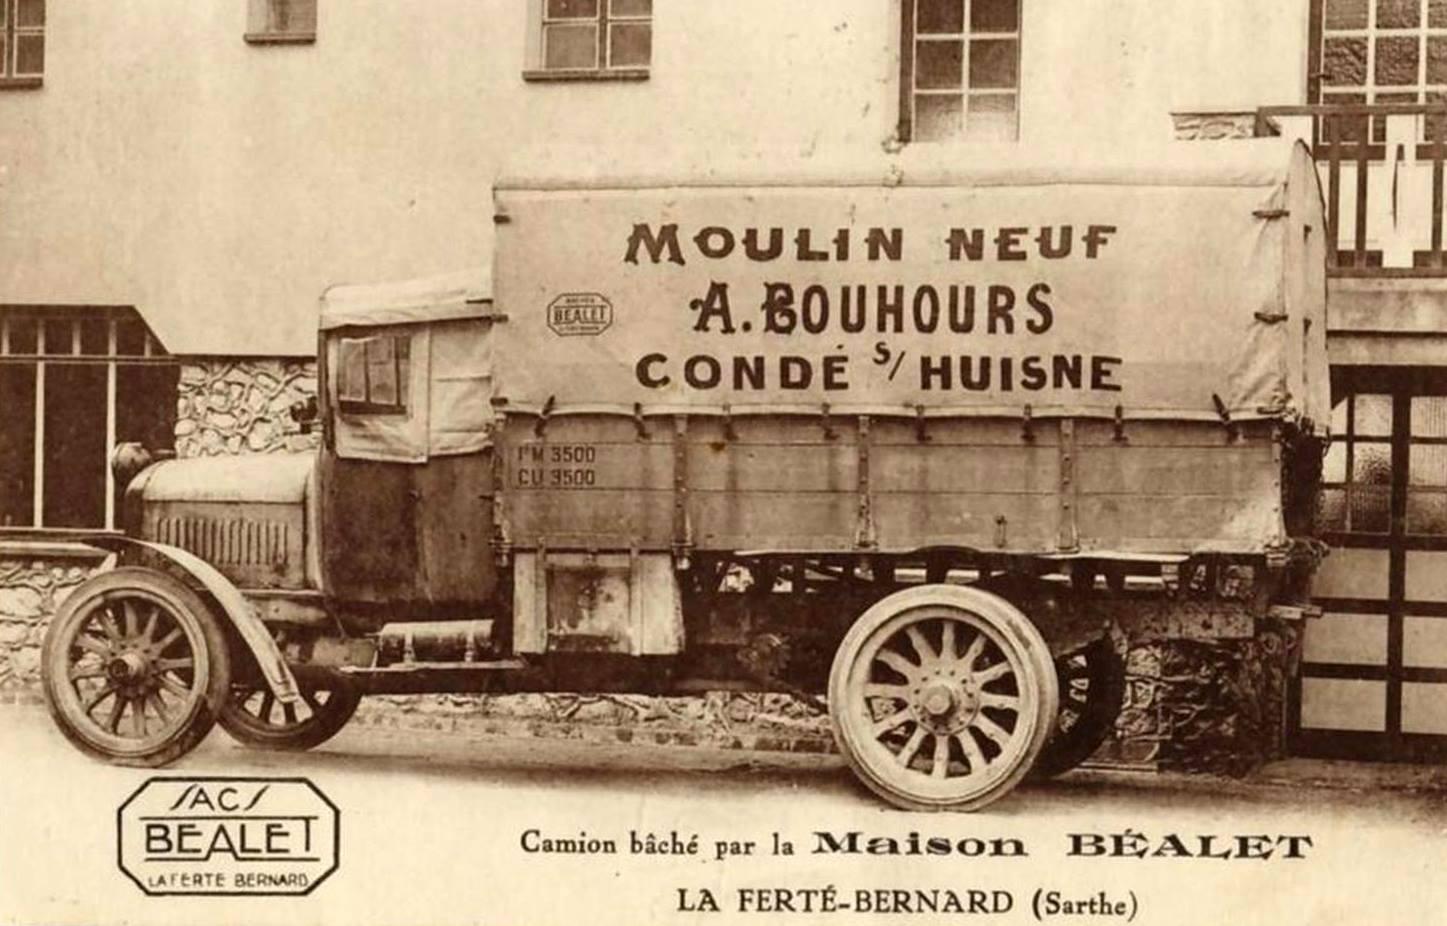 AC-Bealet-Moulin-Neuf